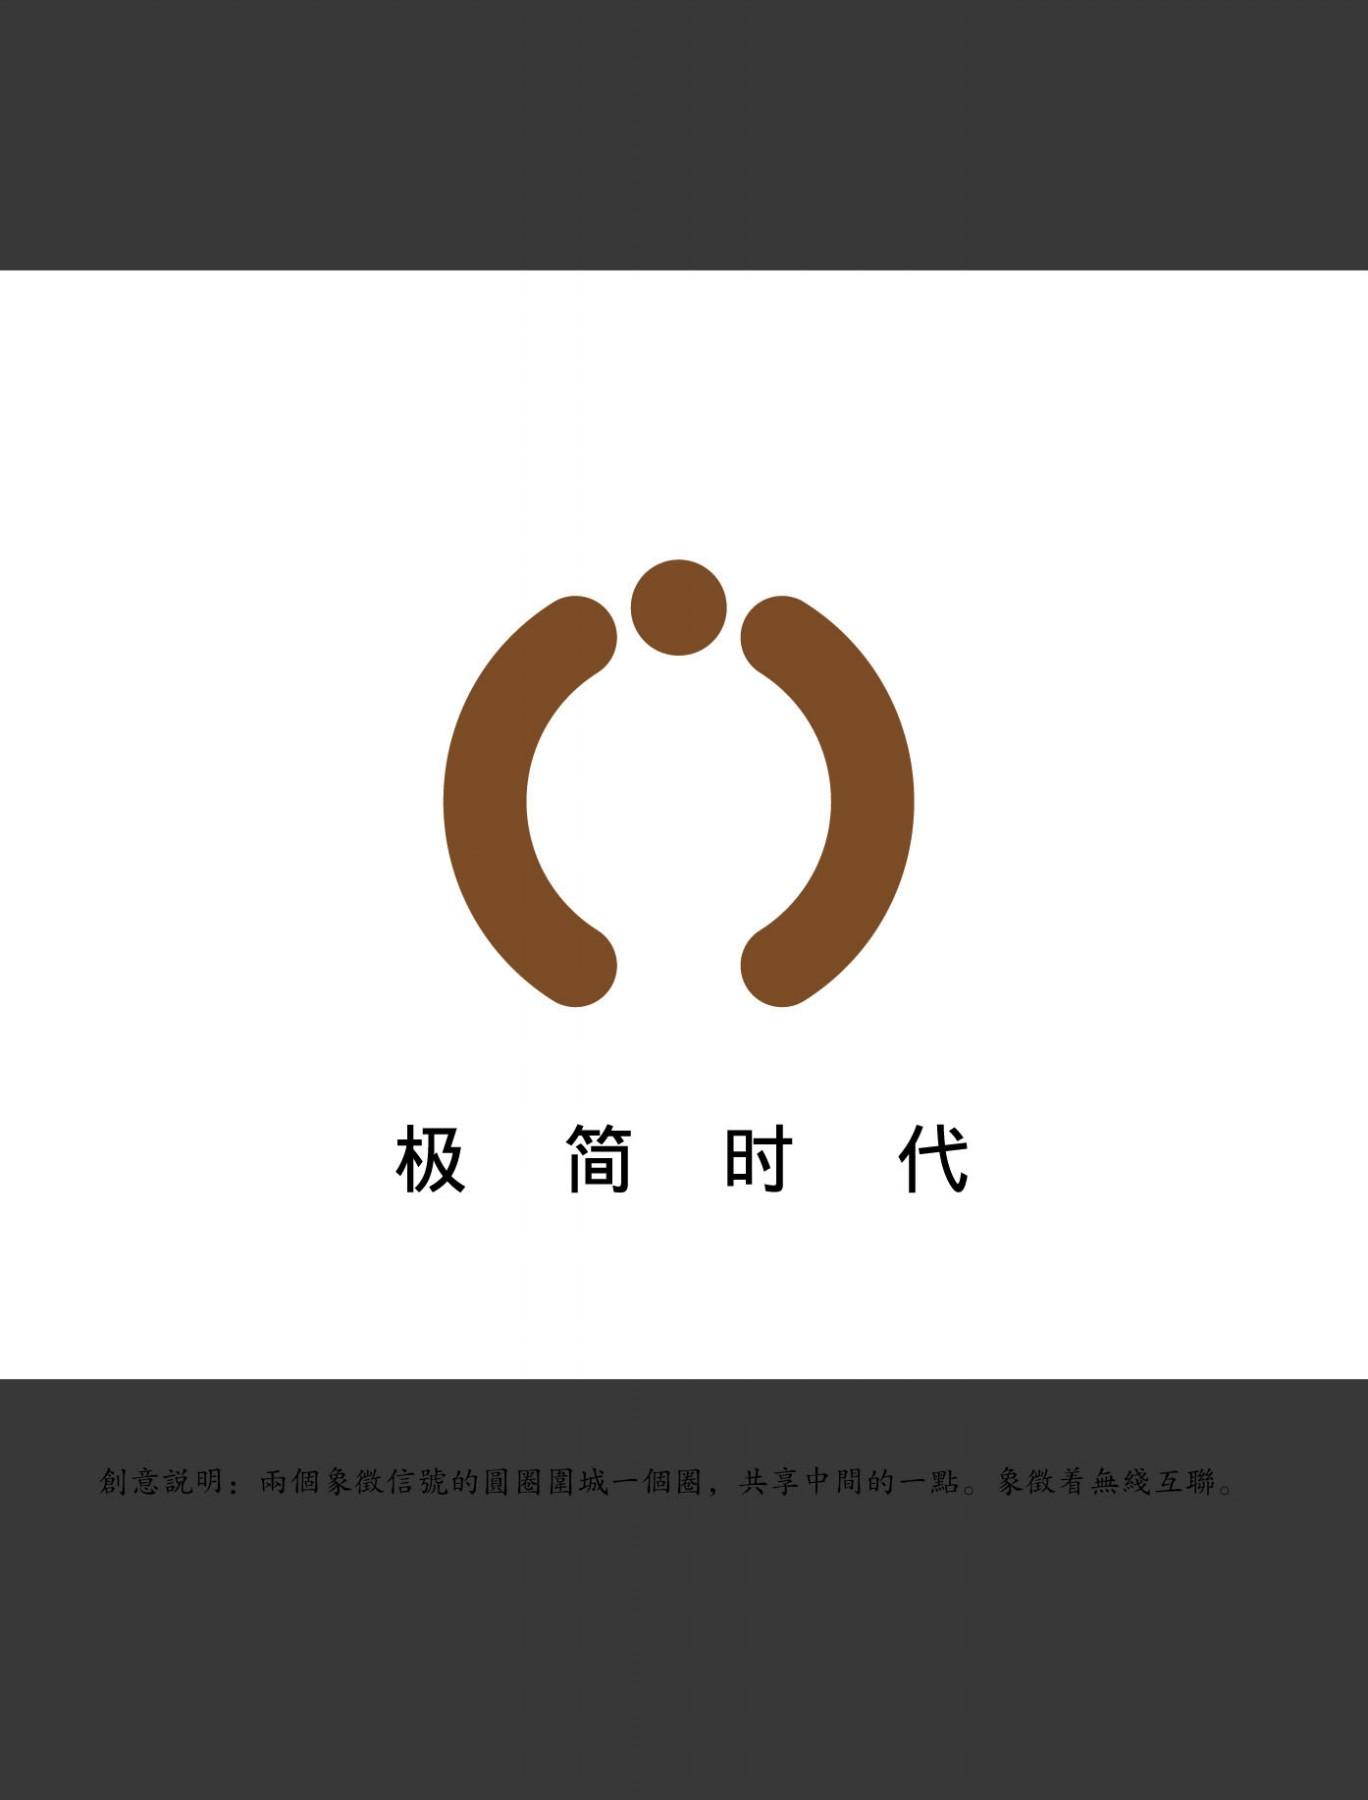 极简时代软件技术有限公司设计logo